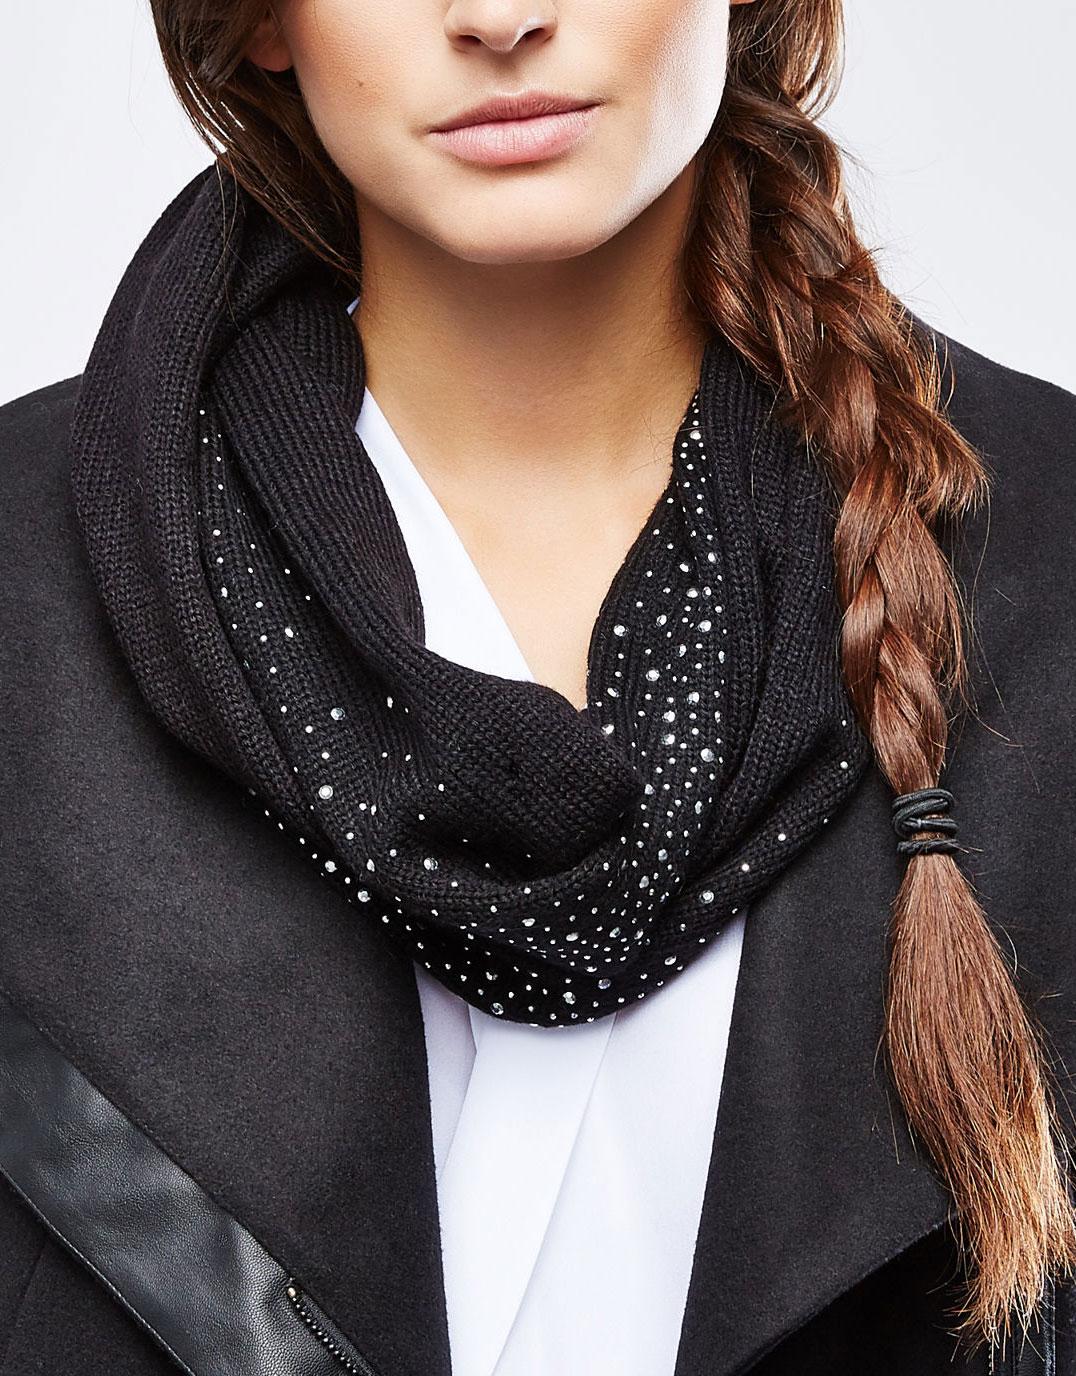 Шарф-снуд женский. Z-SZ-1807Z-SZ-1807 BLACKЖенский вязаный шарф-снуд Moodo станет отличным дополнением к гардеробу в холодную погоду. Изготовленный из высококачественной акриловой пряжи, он необычайно мягкий и приятный на ощупь, максимально сохраняет тепло. Шарф-снуд выполнен мелкой лицевой гладью и декорирован стразами, что придает яркое настроение. Модный аксессуар гармонично дополнит образ современной женщины, следящей за своим имиджем и стремящейся всегда оставаться стильной.